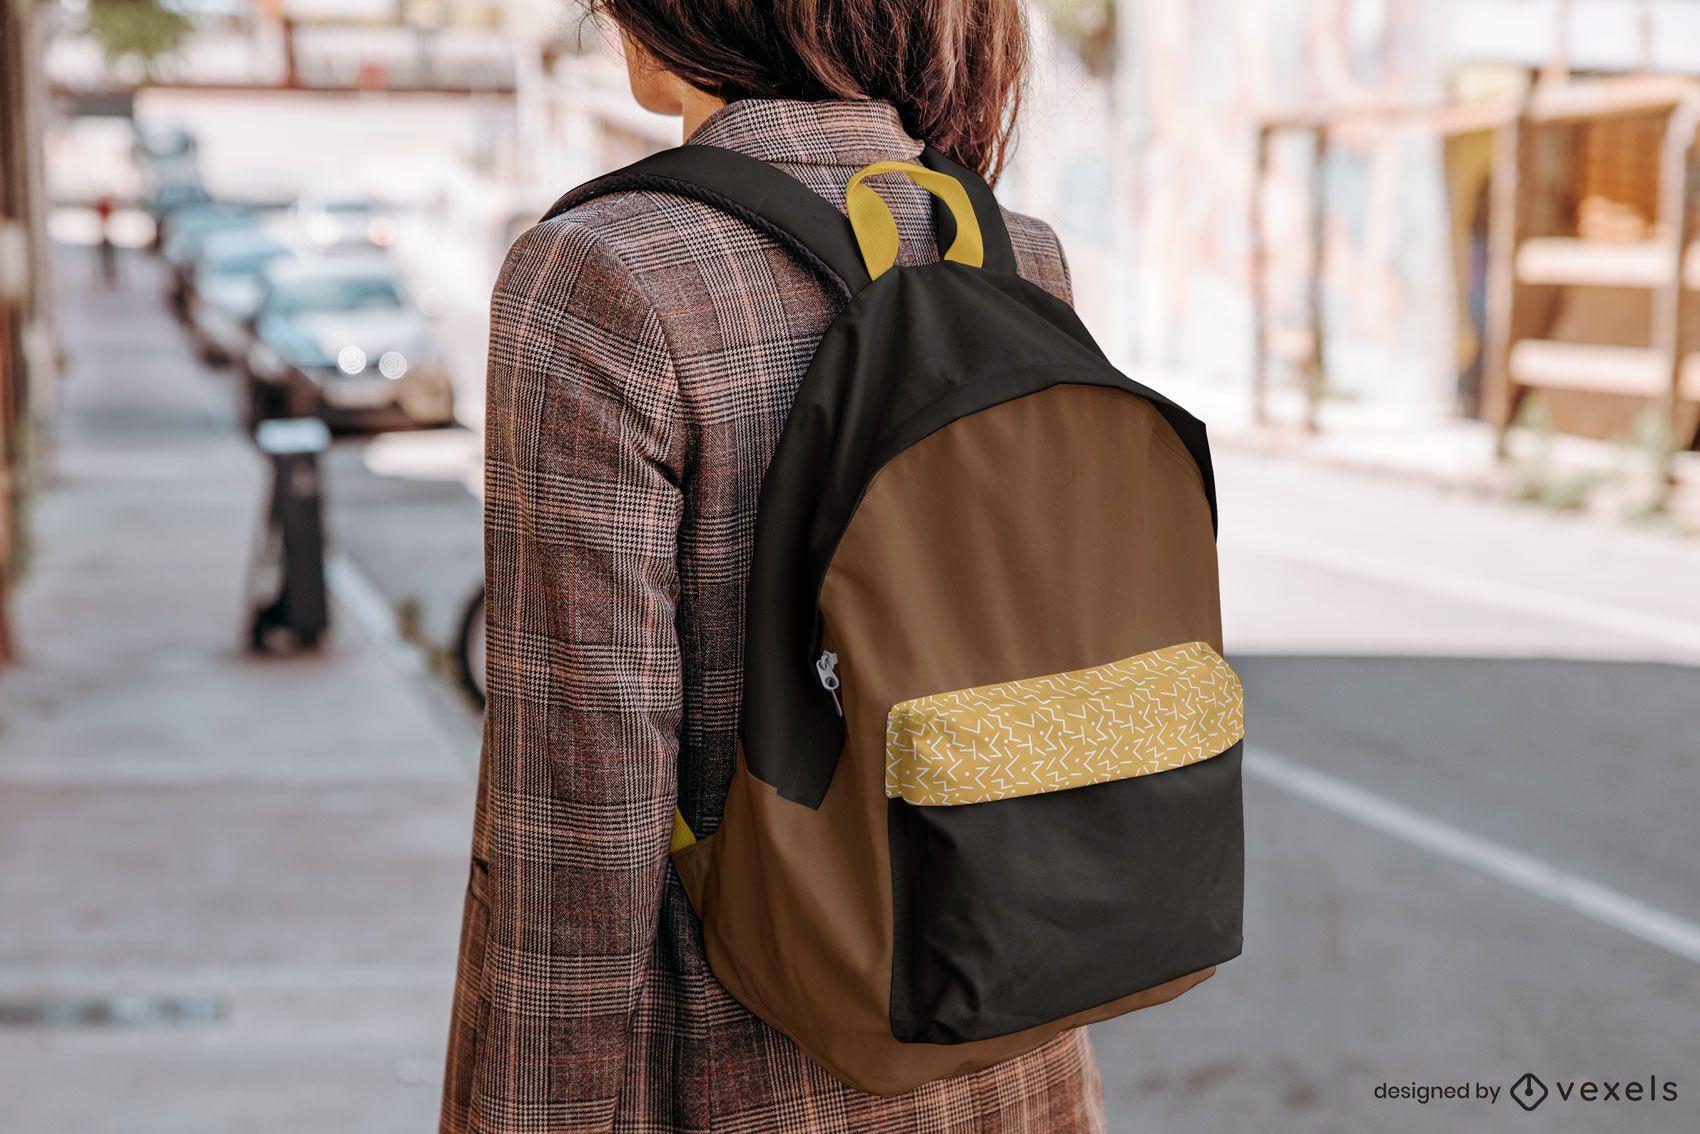 Composição da maquete do modelo da mochila